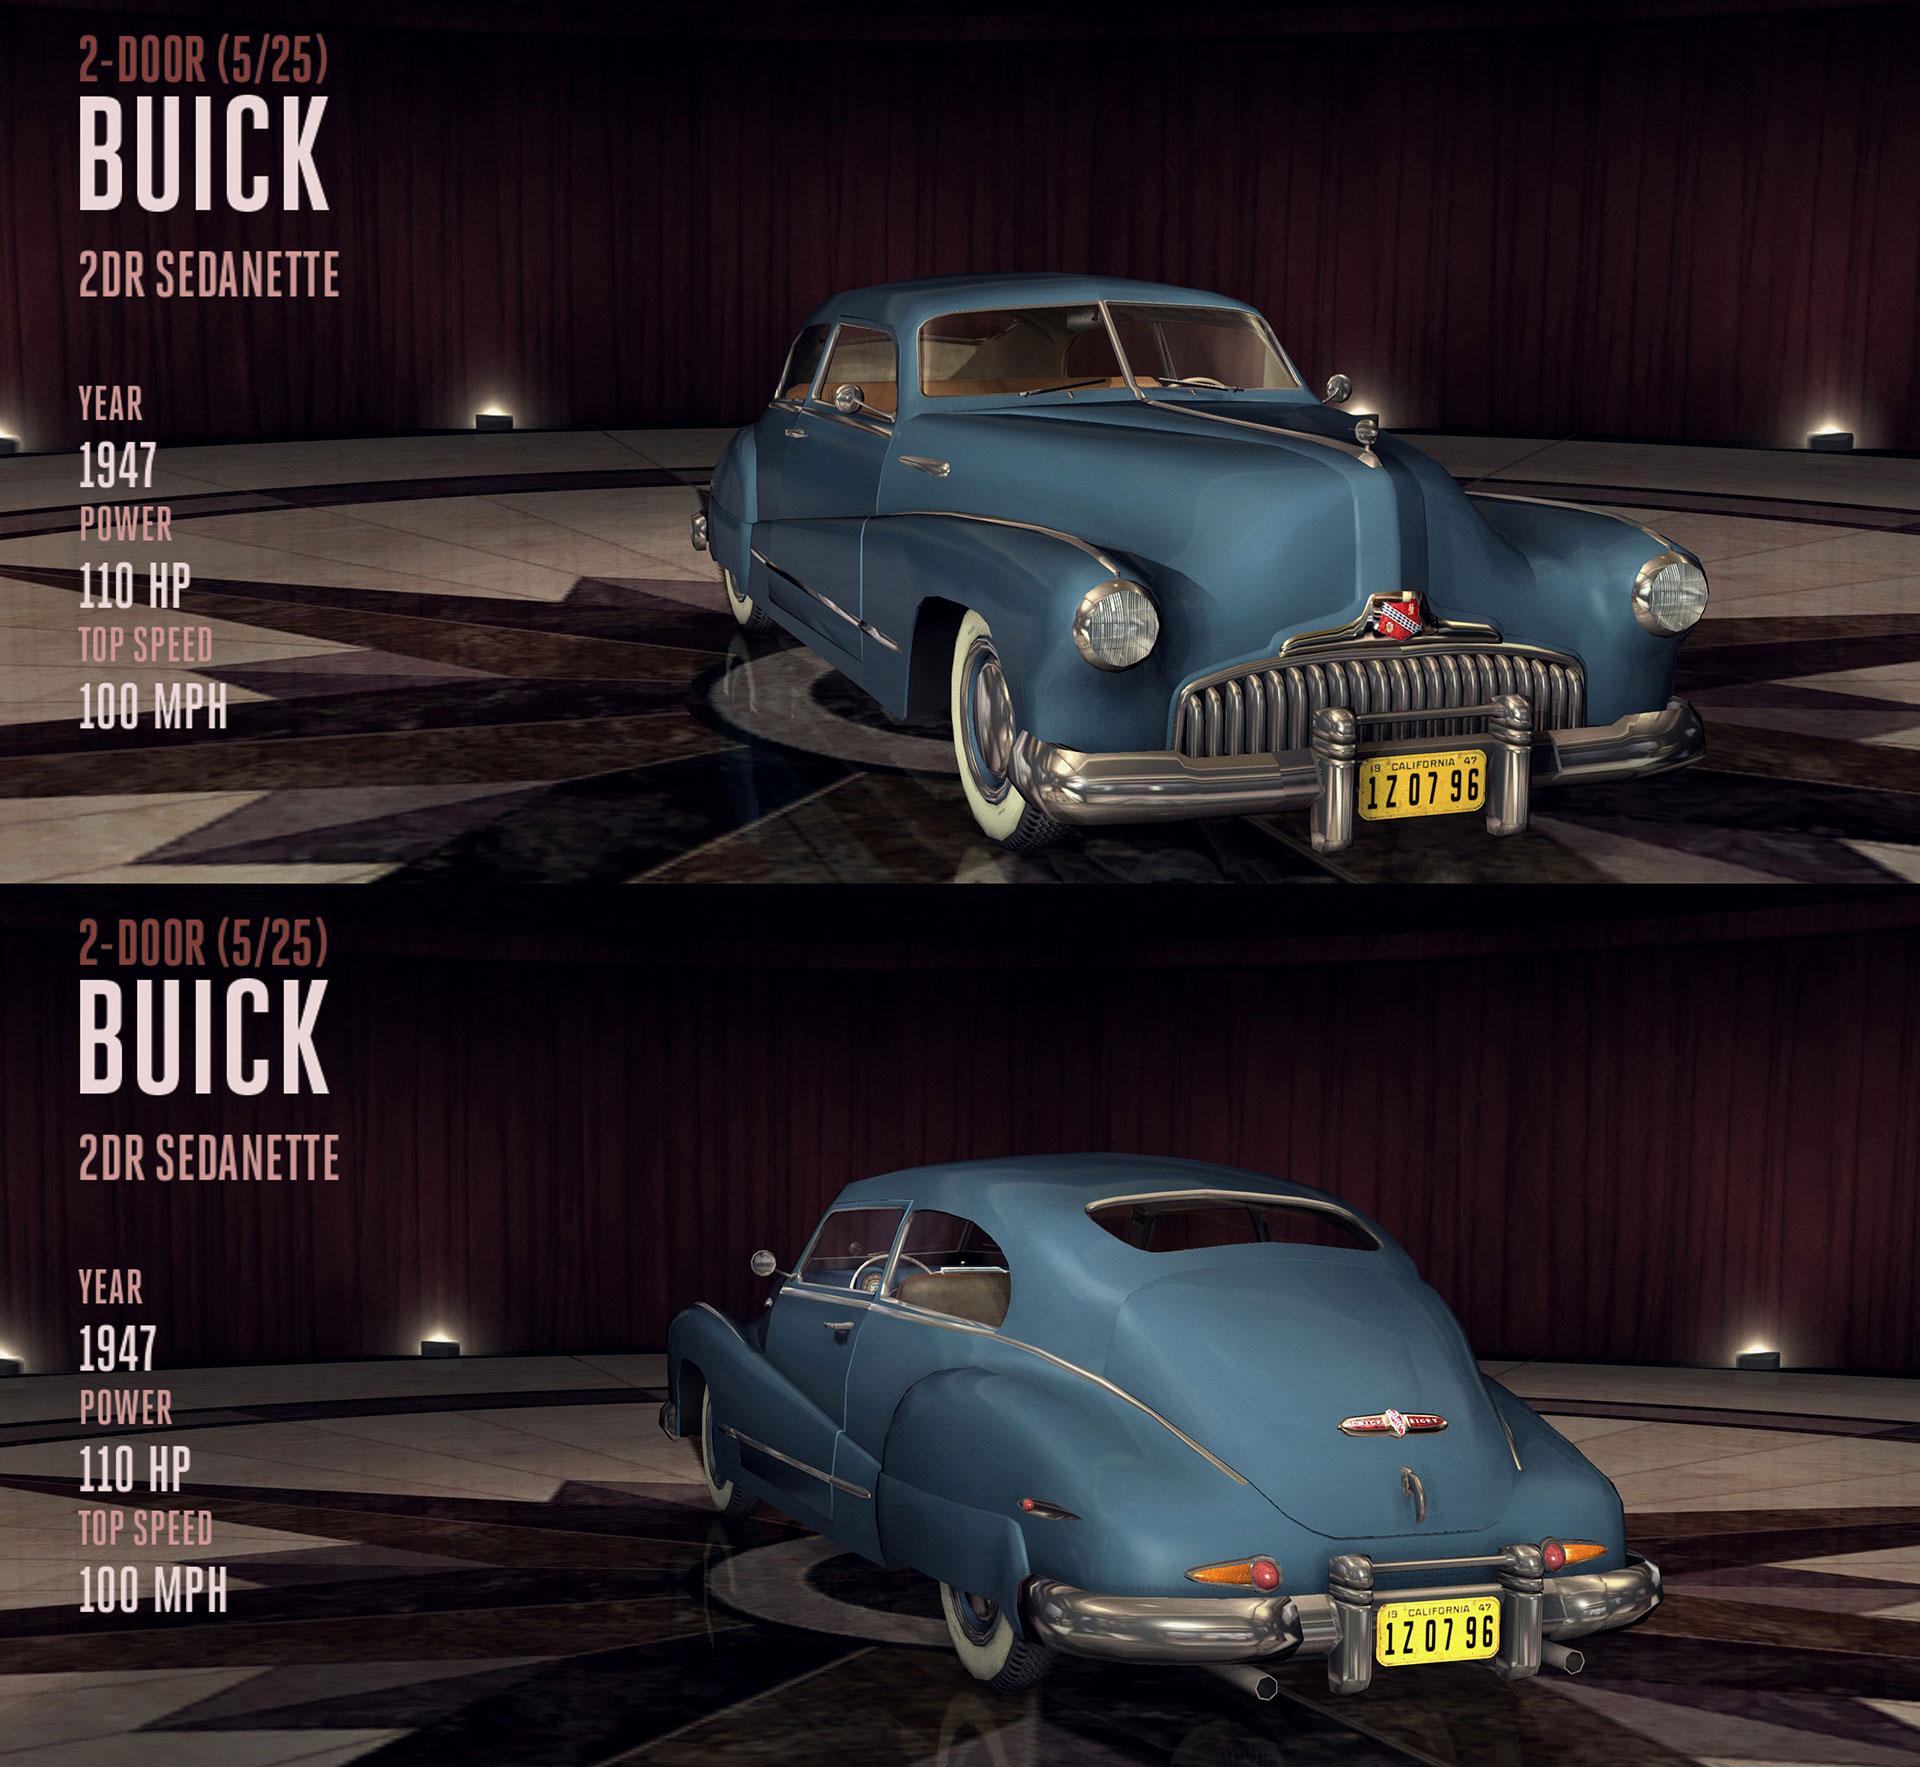 Archivo:1947-buick-sedanette.jpg